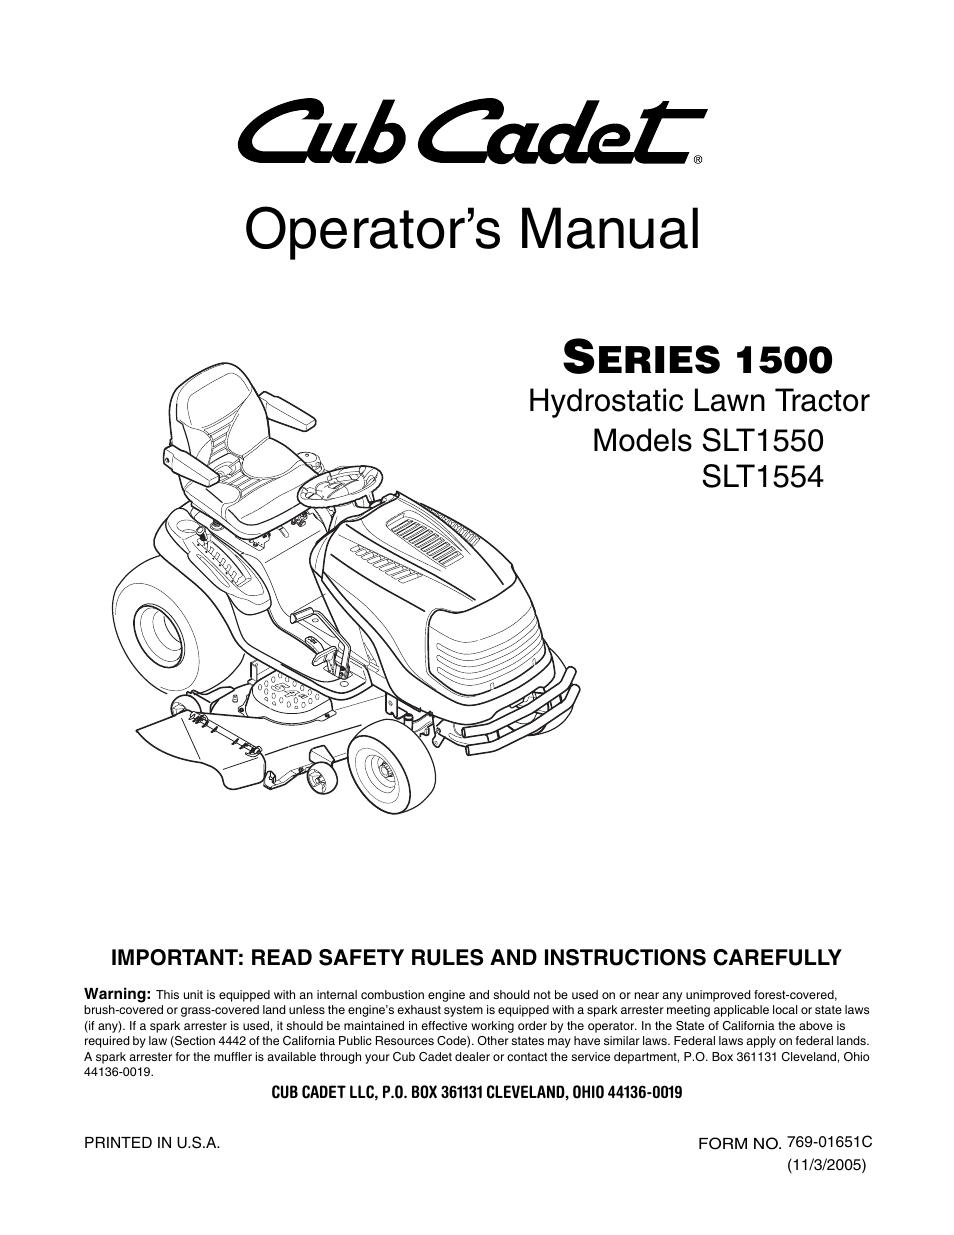 cub cadet slt1554 user manual 40 pages also for slt1550 rh manualsdir com Cub Cadet 1554 Parts Diagram Cub Cadet SLT 1554 Steering